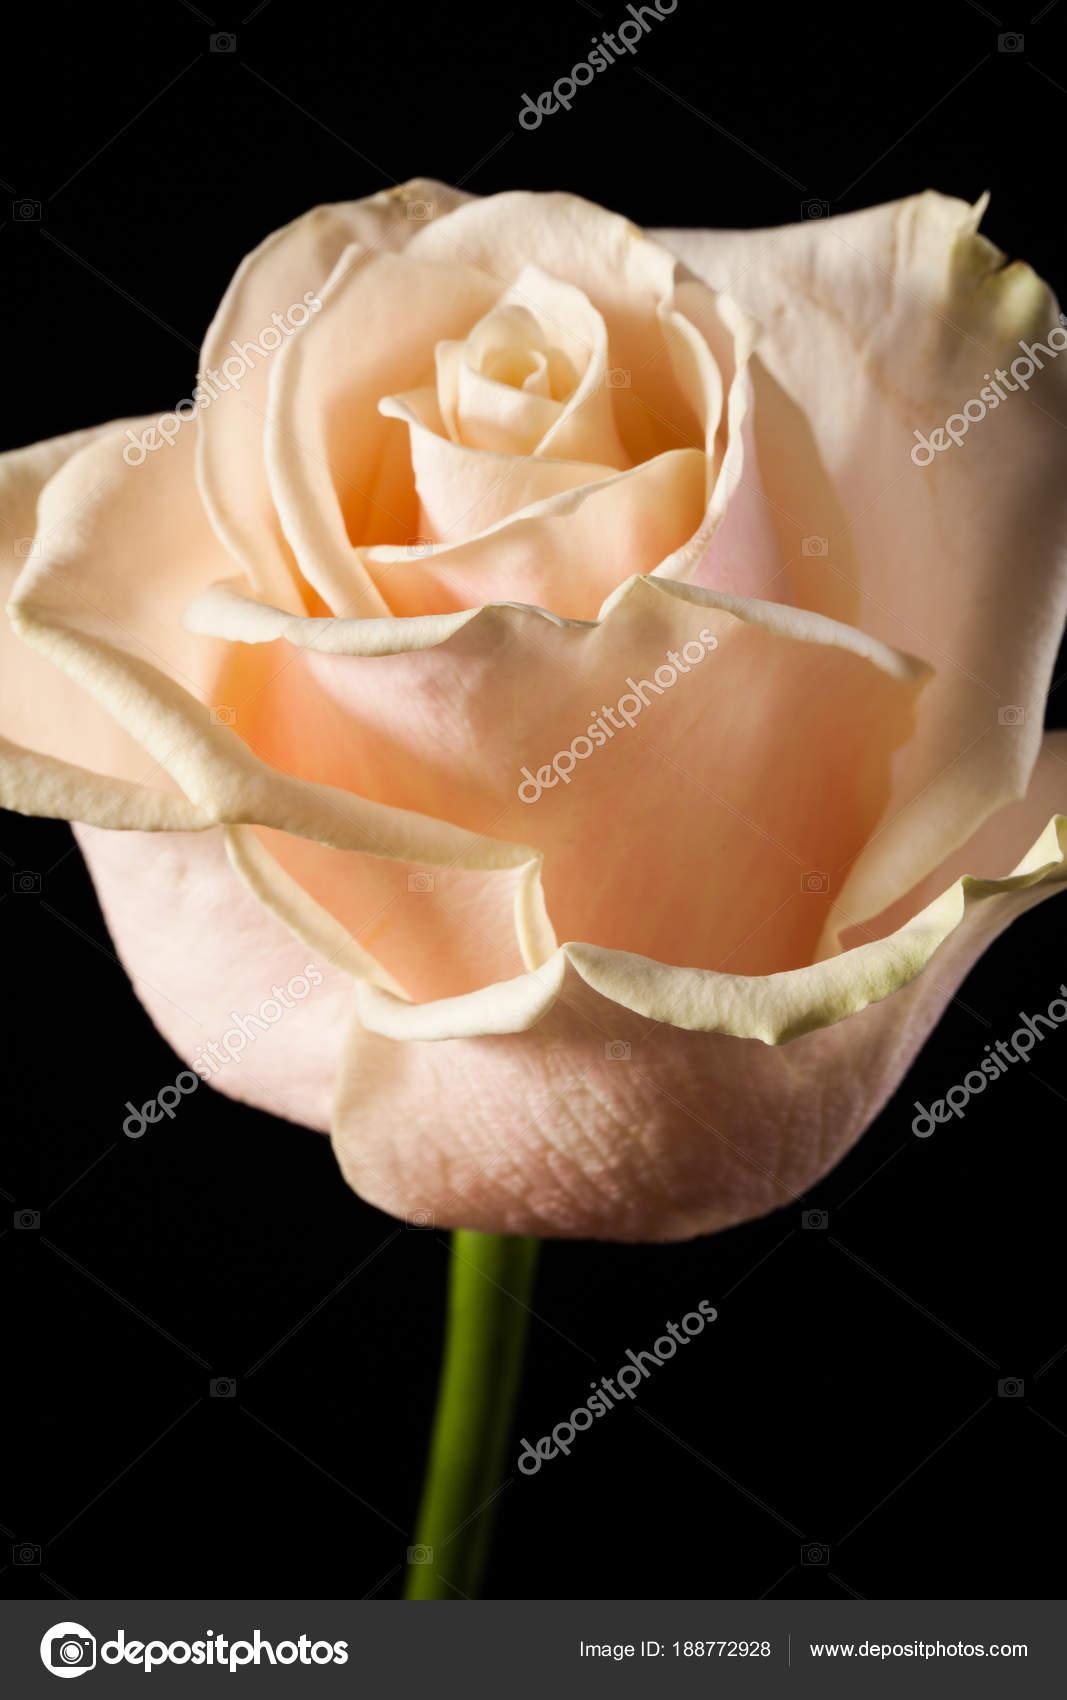 Foto Artistica Di Una Rosa Bianca Su Sfondo Nero Foto Stock